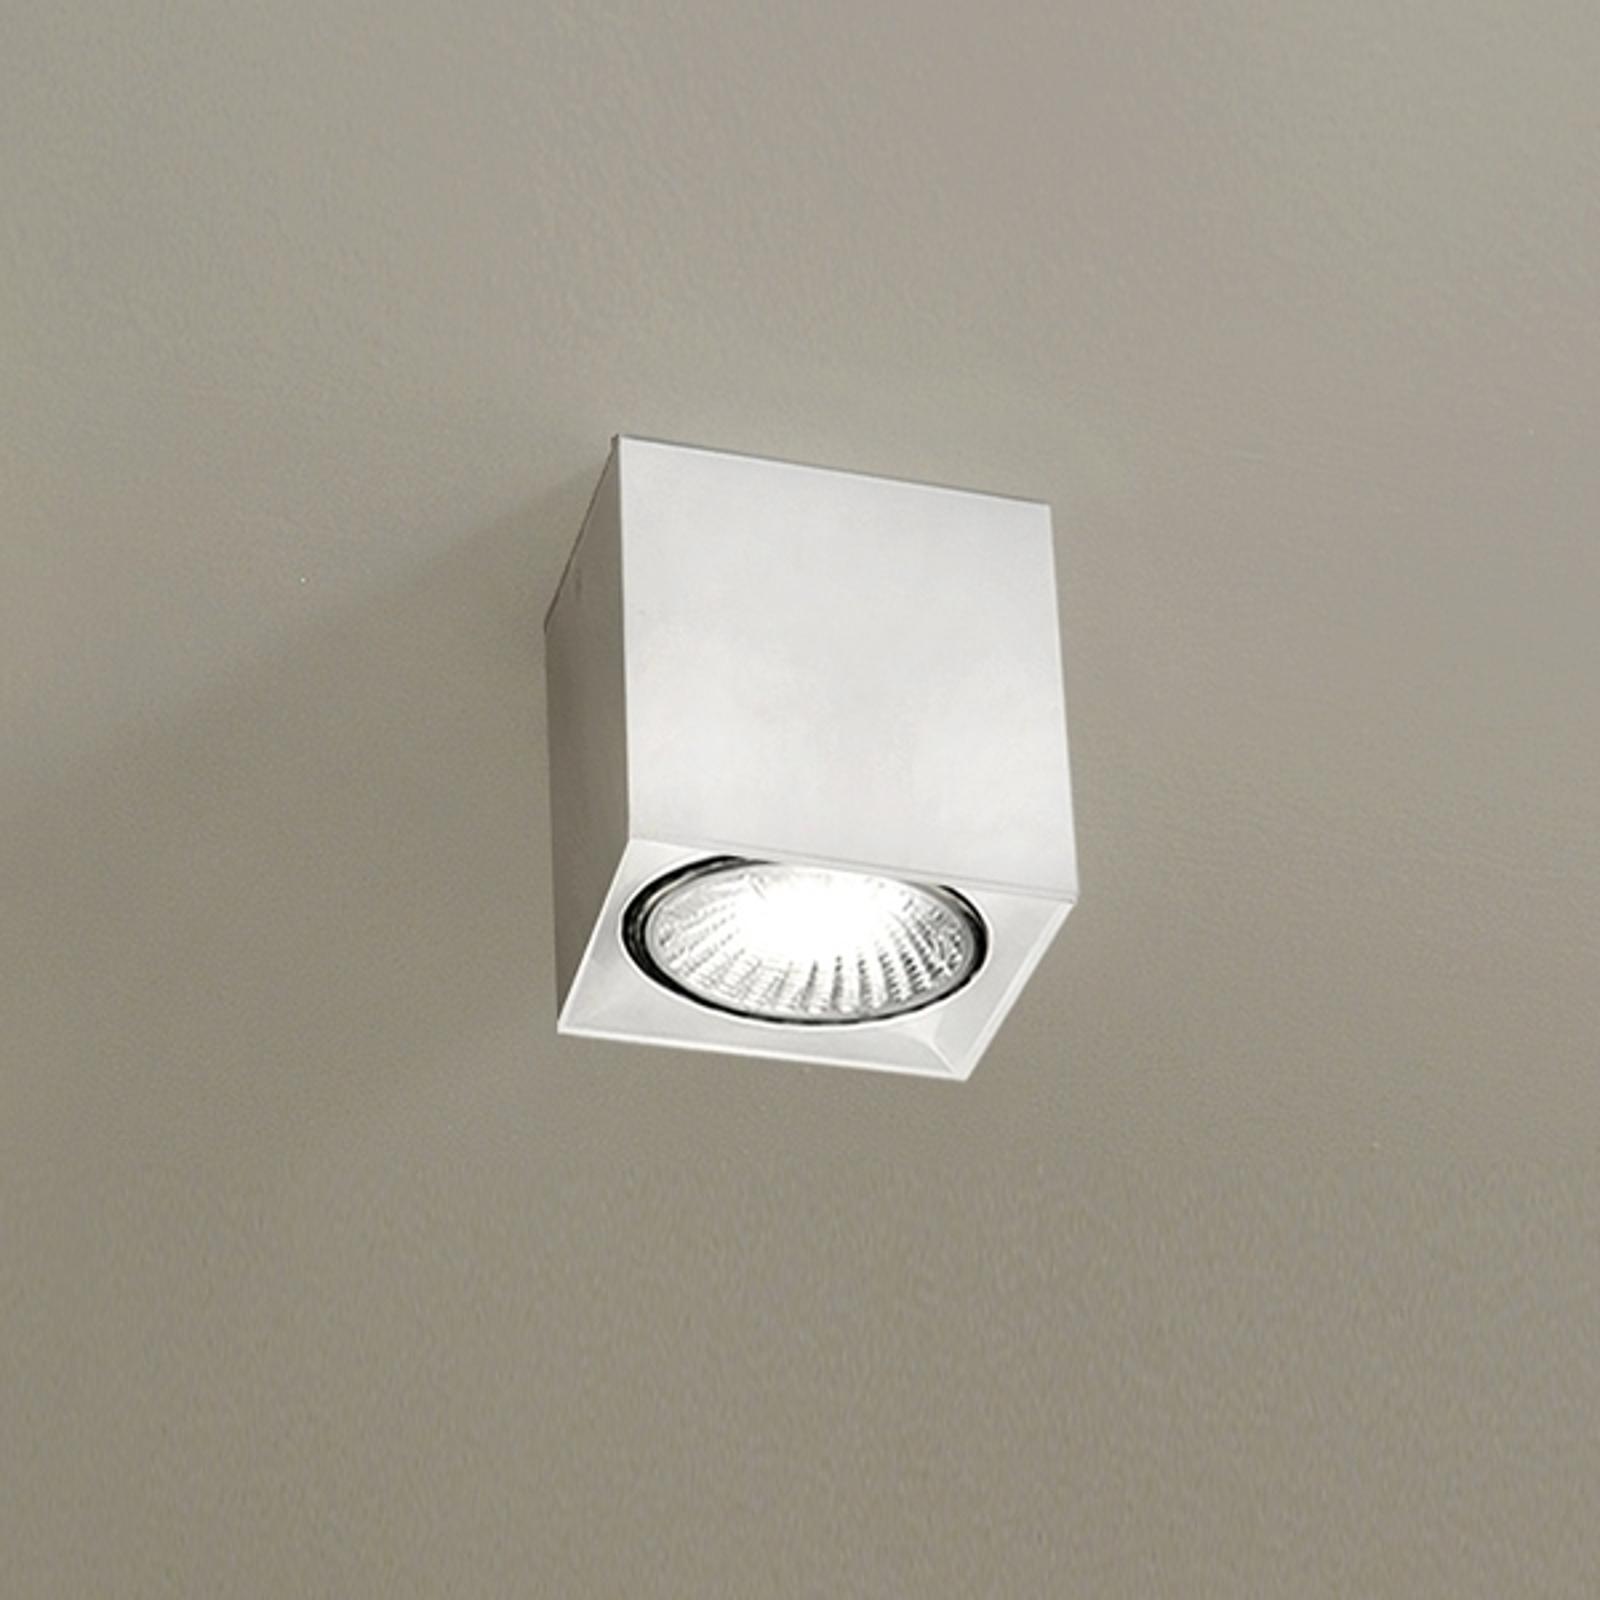 Biała lampa sufitowa DAU SPOT z kształcie kostki